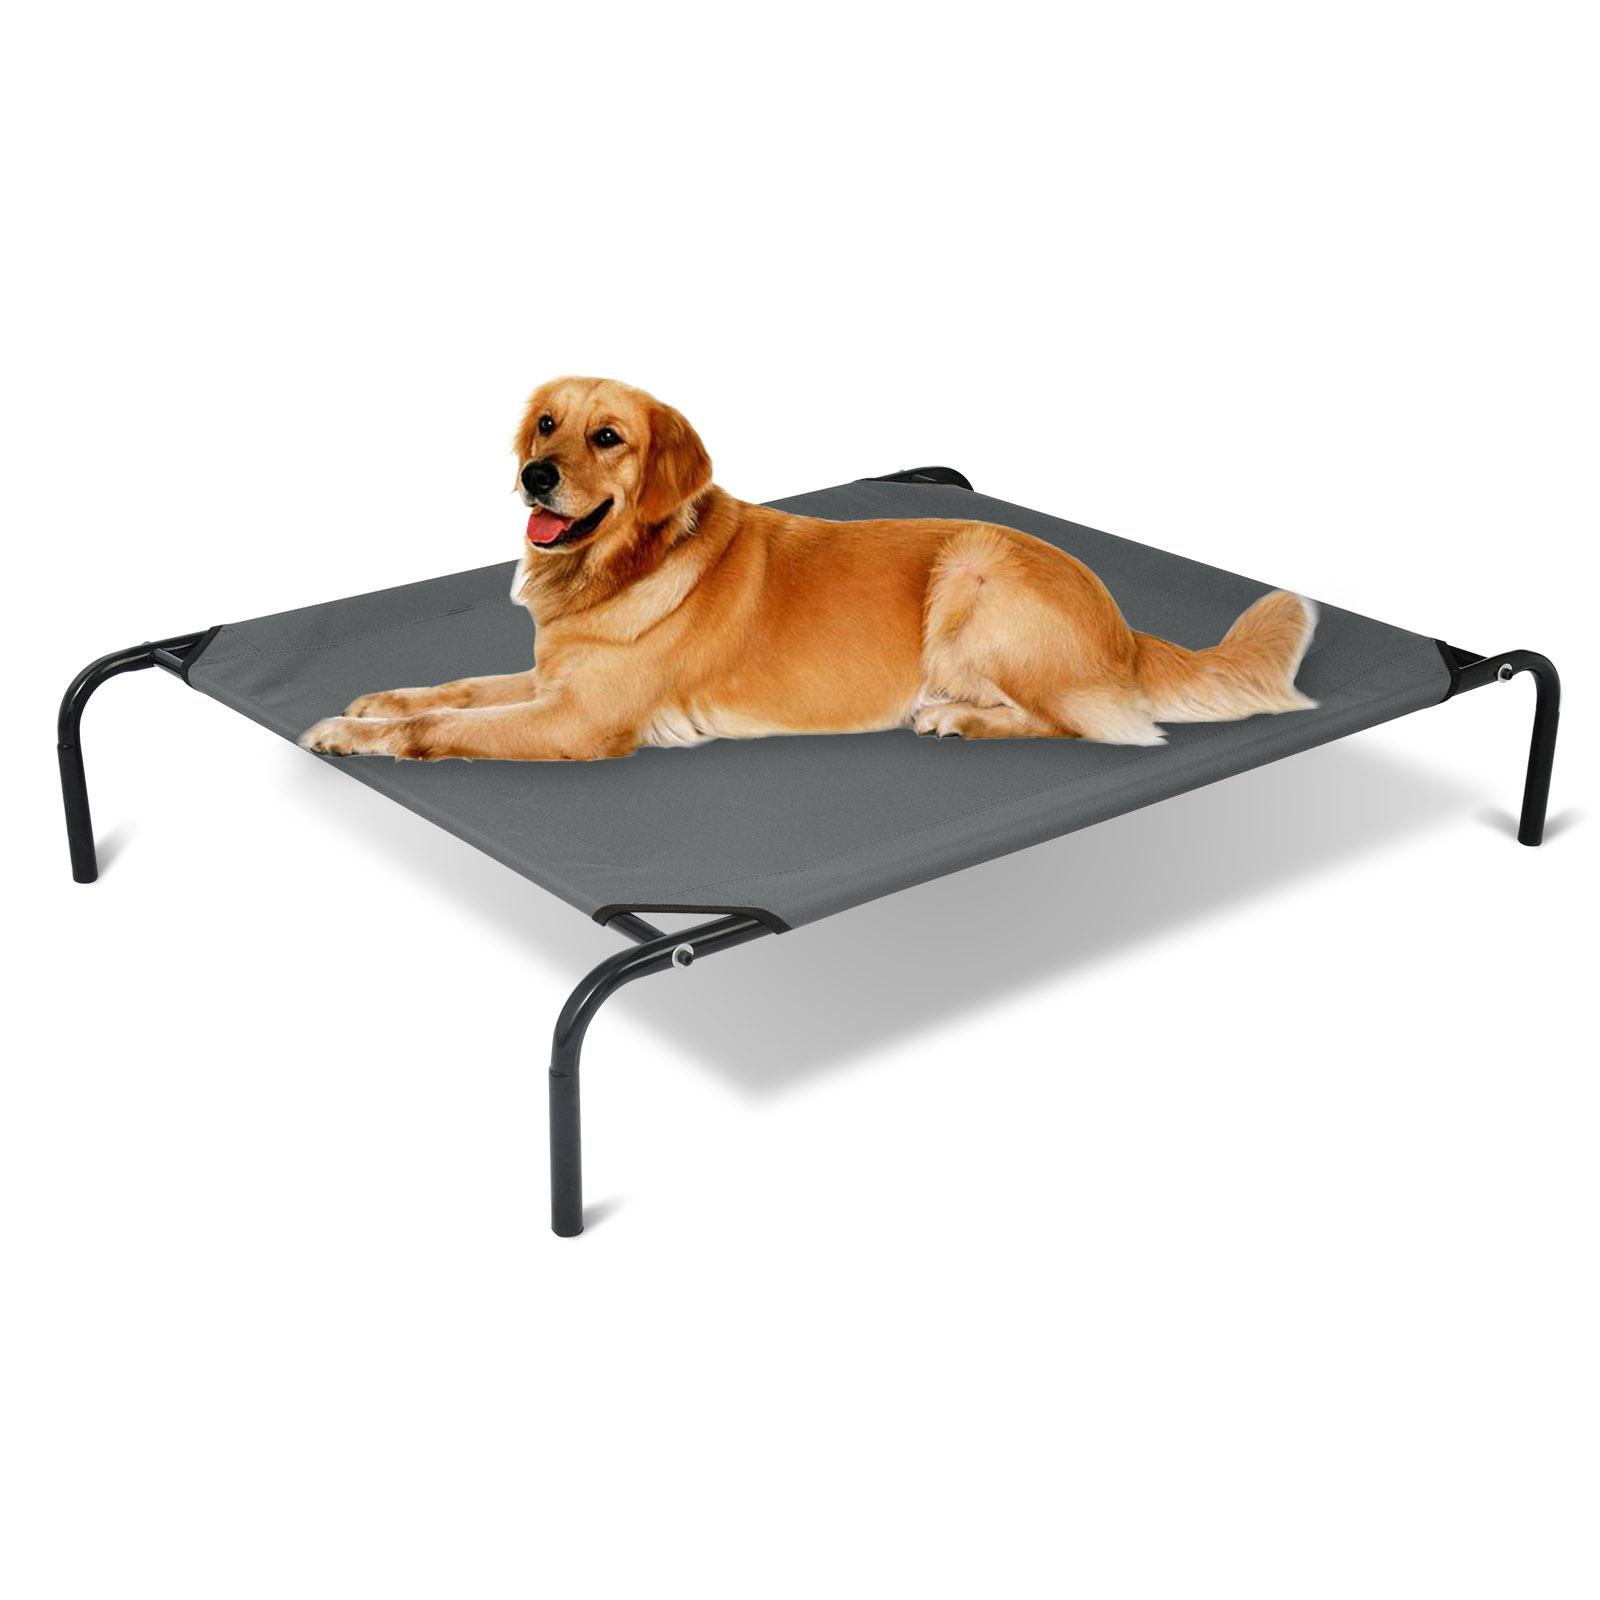 lit sur lev pour chien chat de lit lit d 39 animal domestique chien couchage f222 ebay. Black Bedroom Furniture Sets. Home Design Ideas